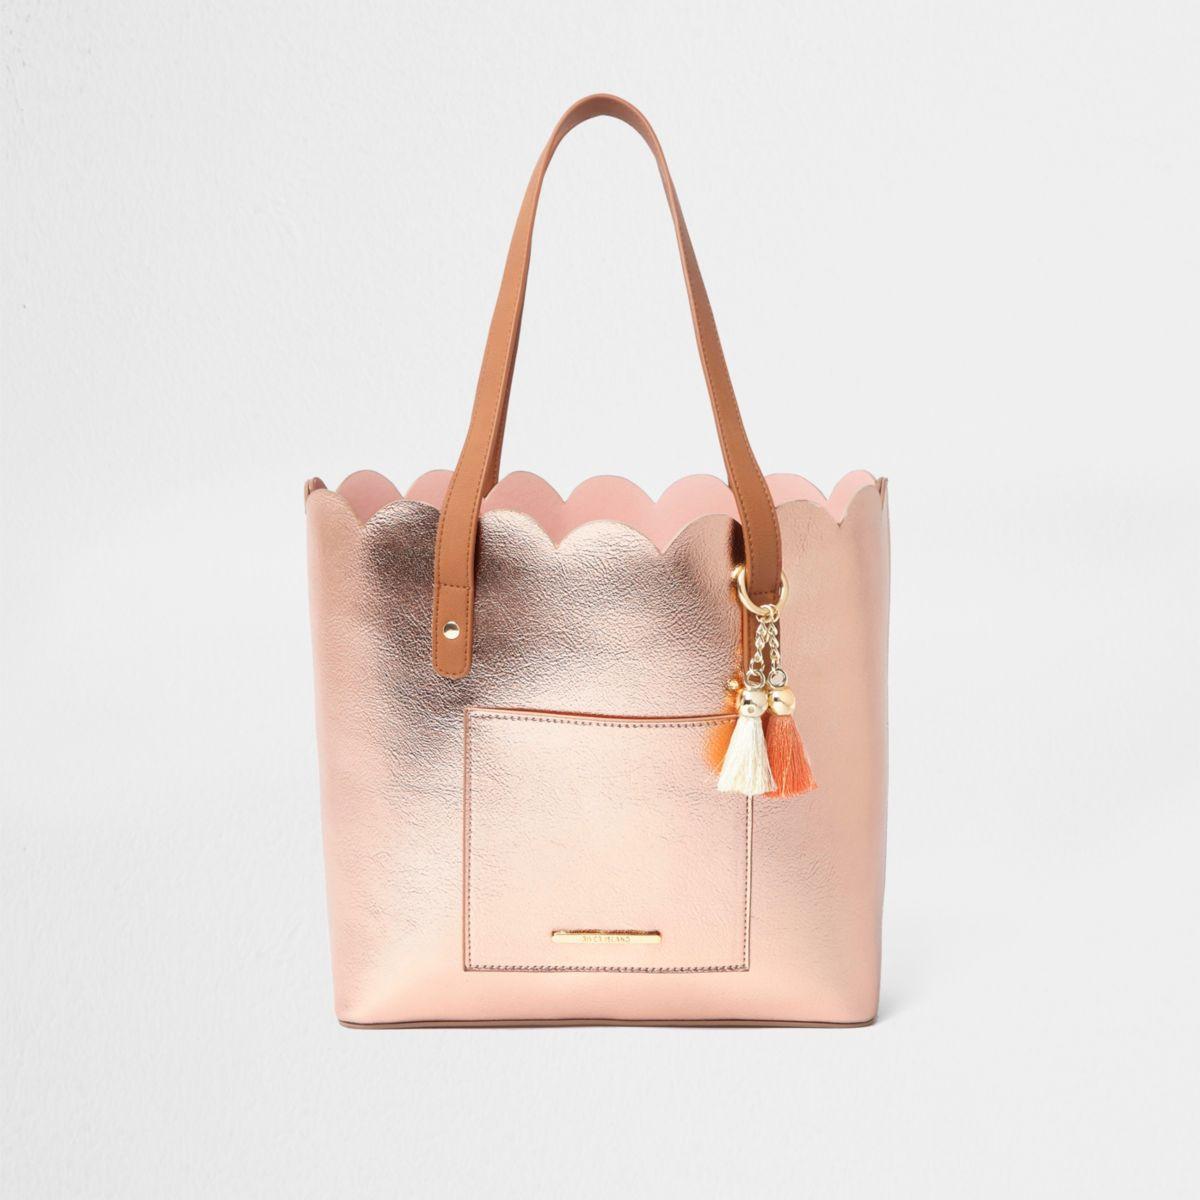 Girls rose gold scallop shopper tote bag